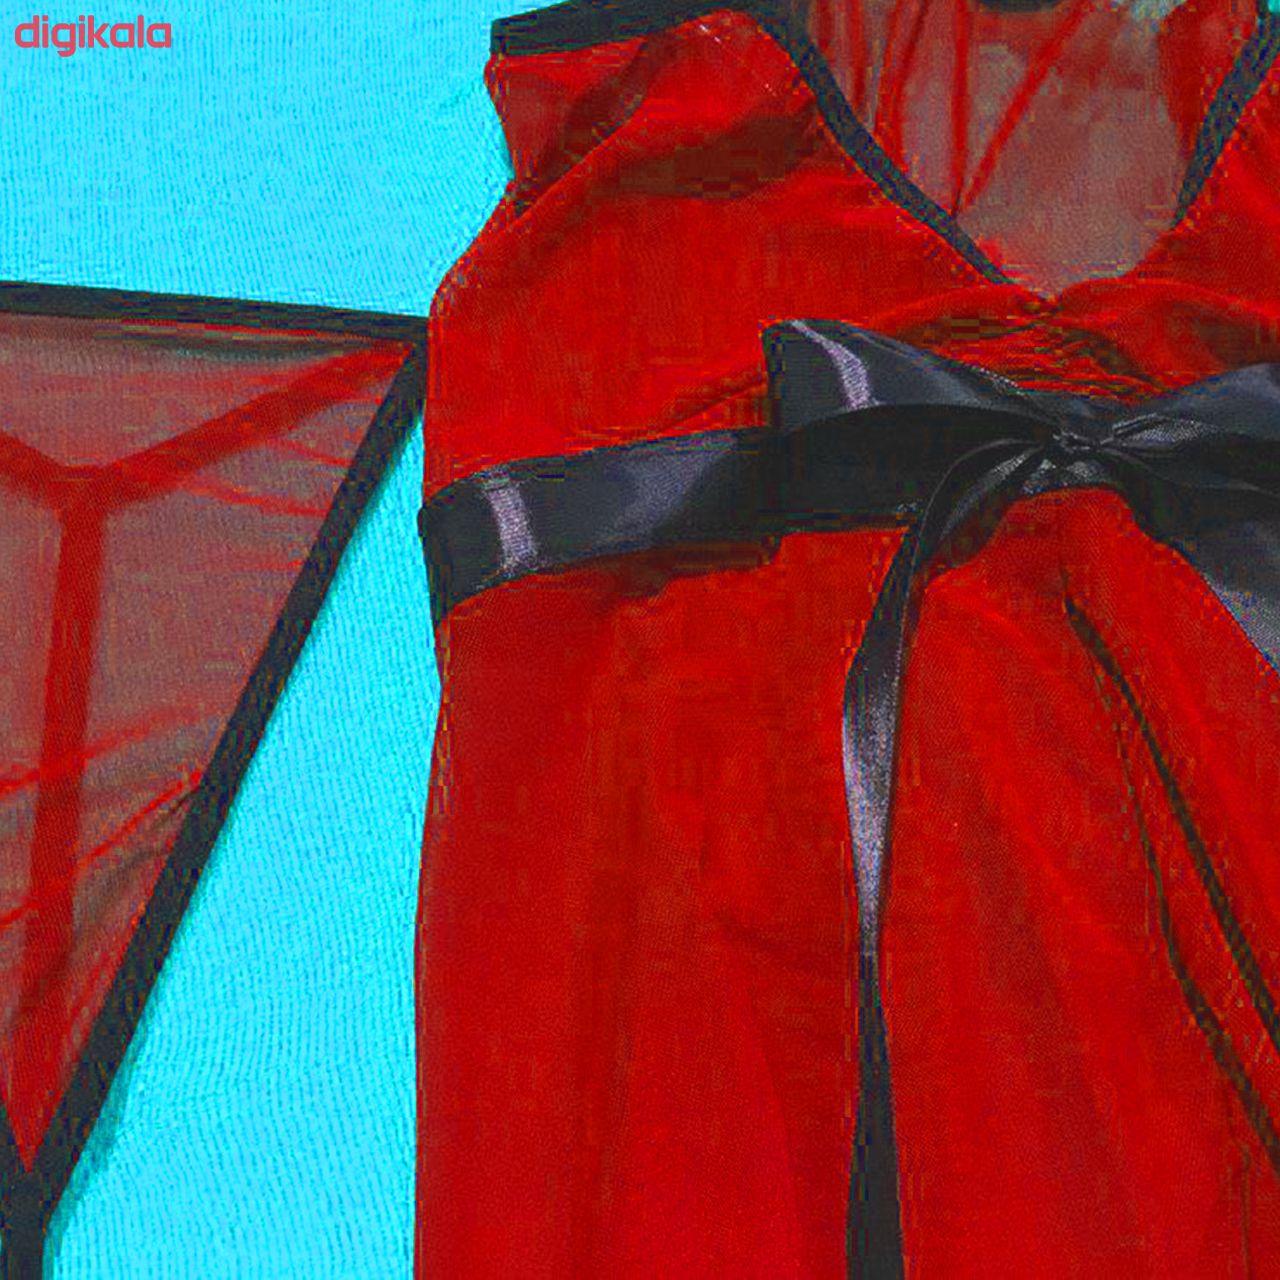 لباس خواب زنانه کد 1630-R main 1 1